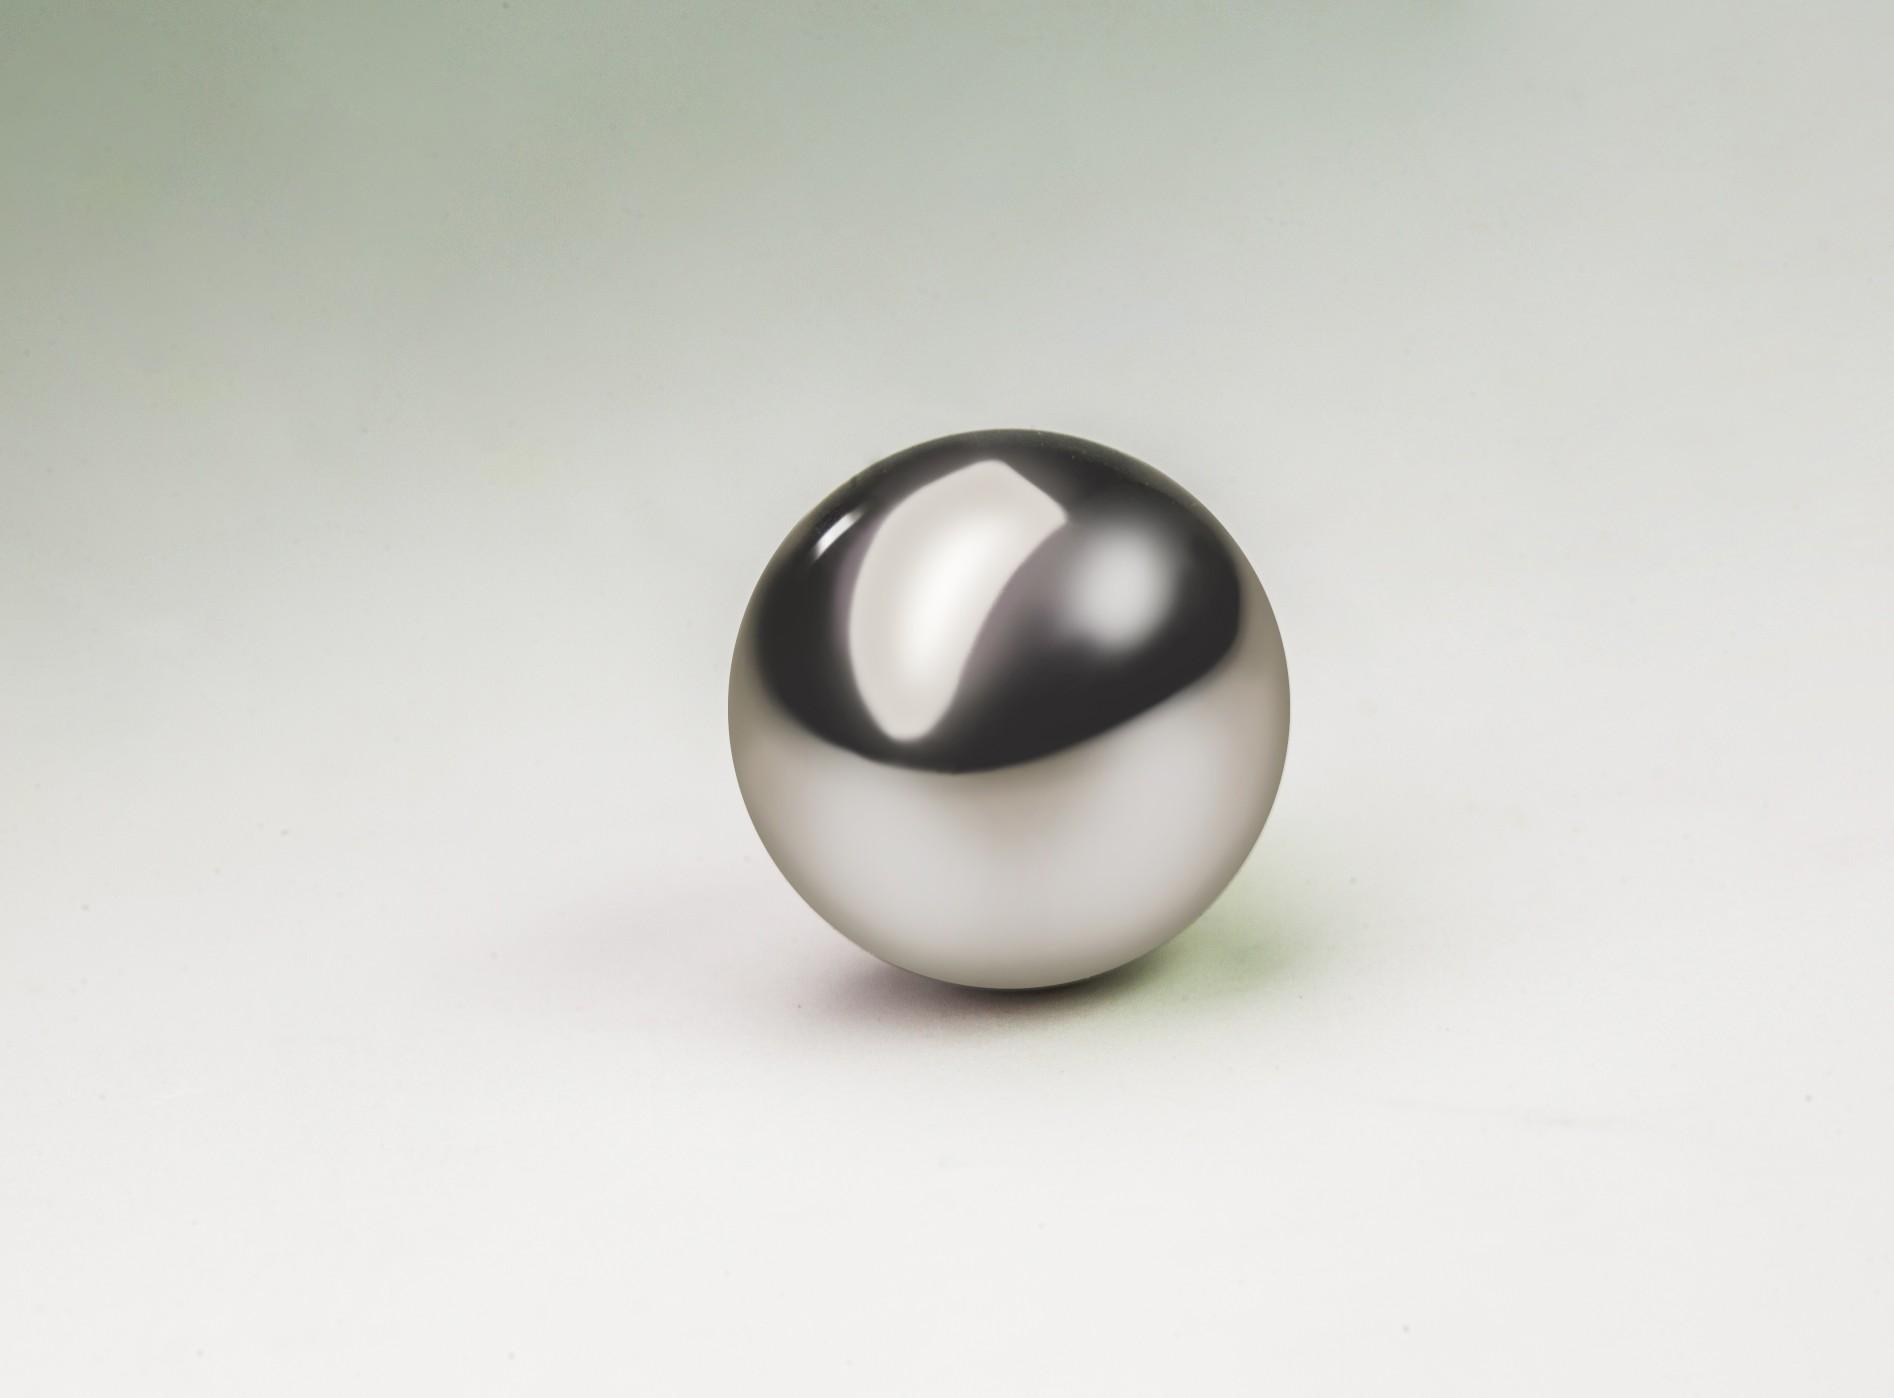 PROTECNO distribuye Bola inoxidable para bombas Extra y Protecno